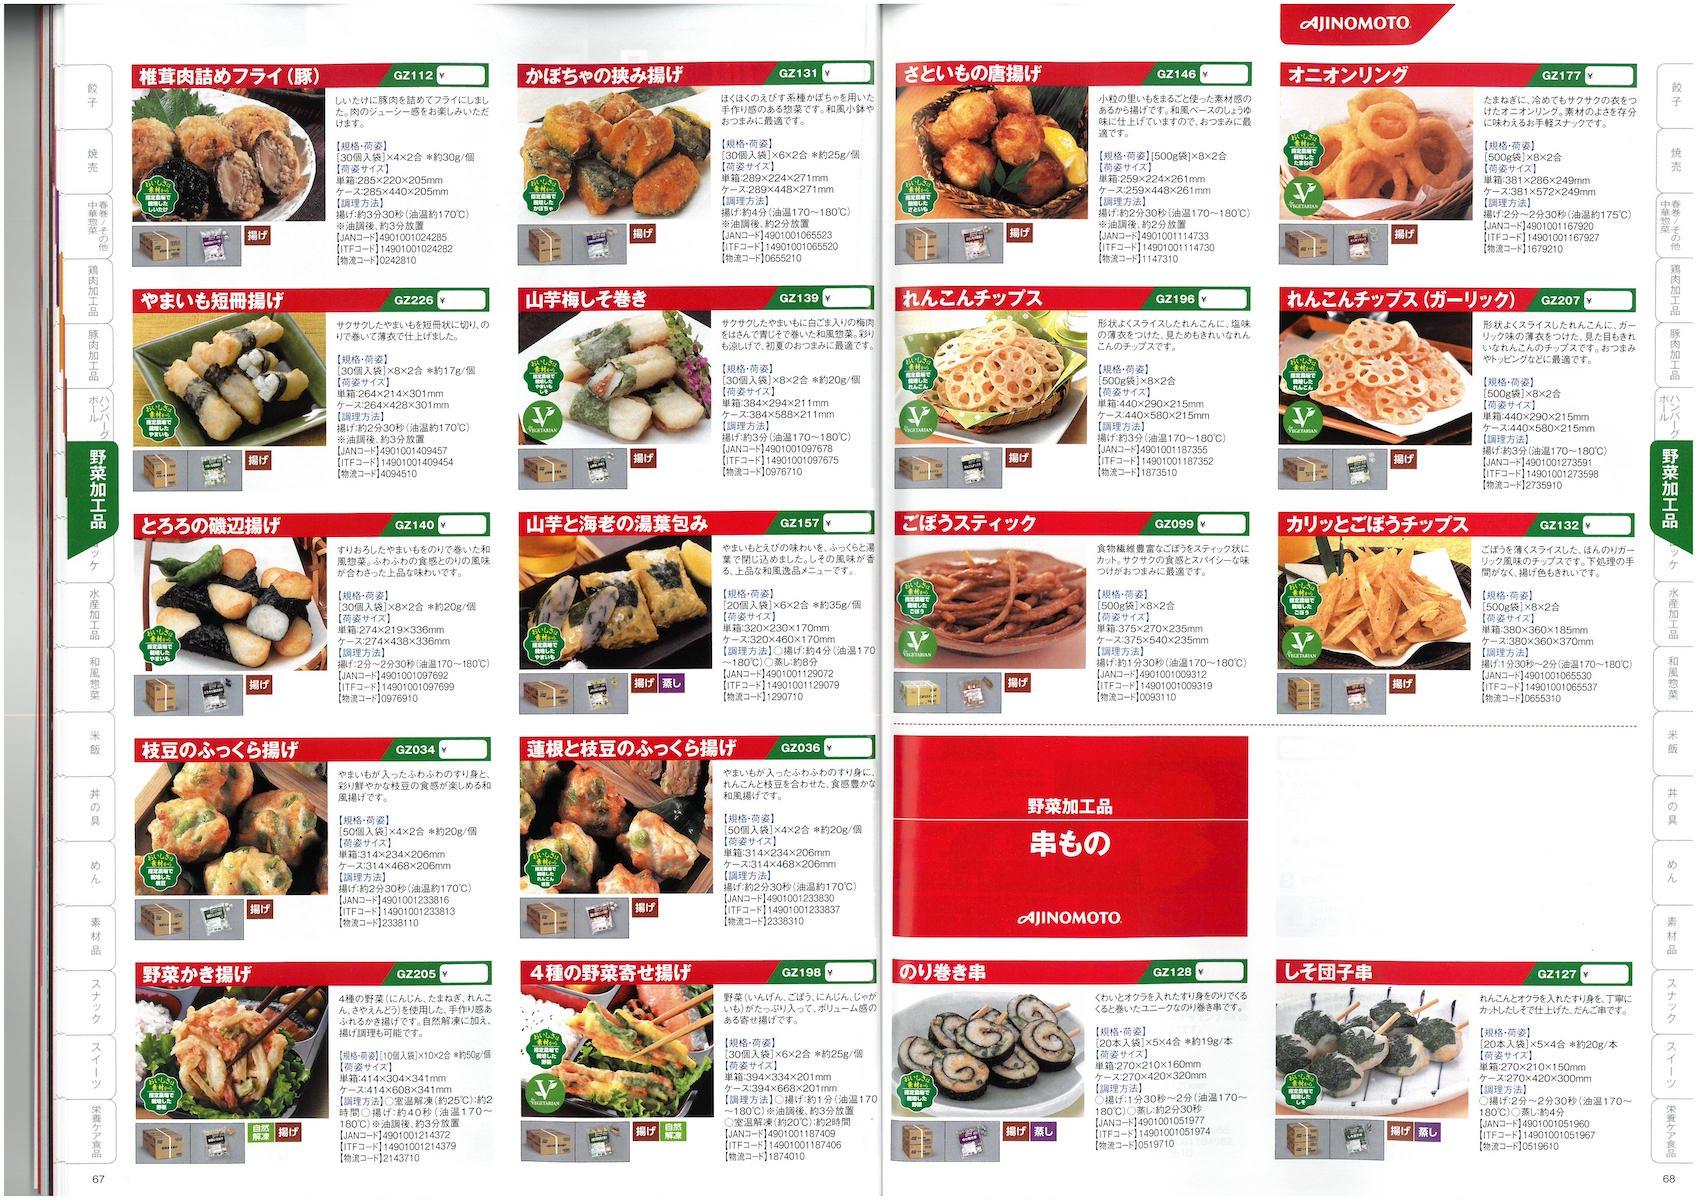 味の素冷凍食品 2020年春季新製品・リニューアル品ラインナップ 総合カタログ